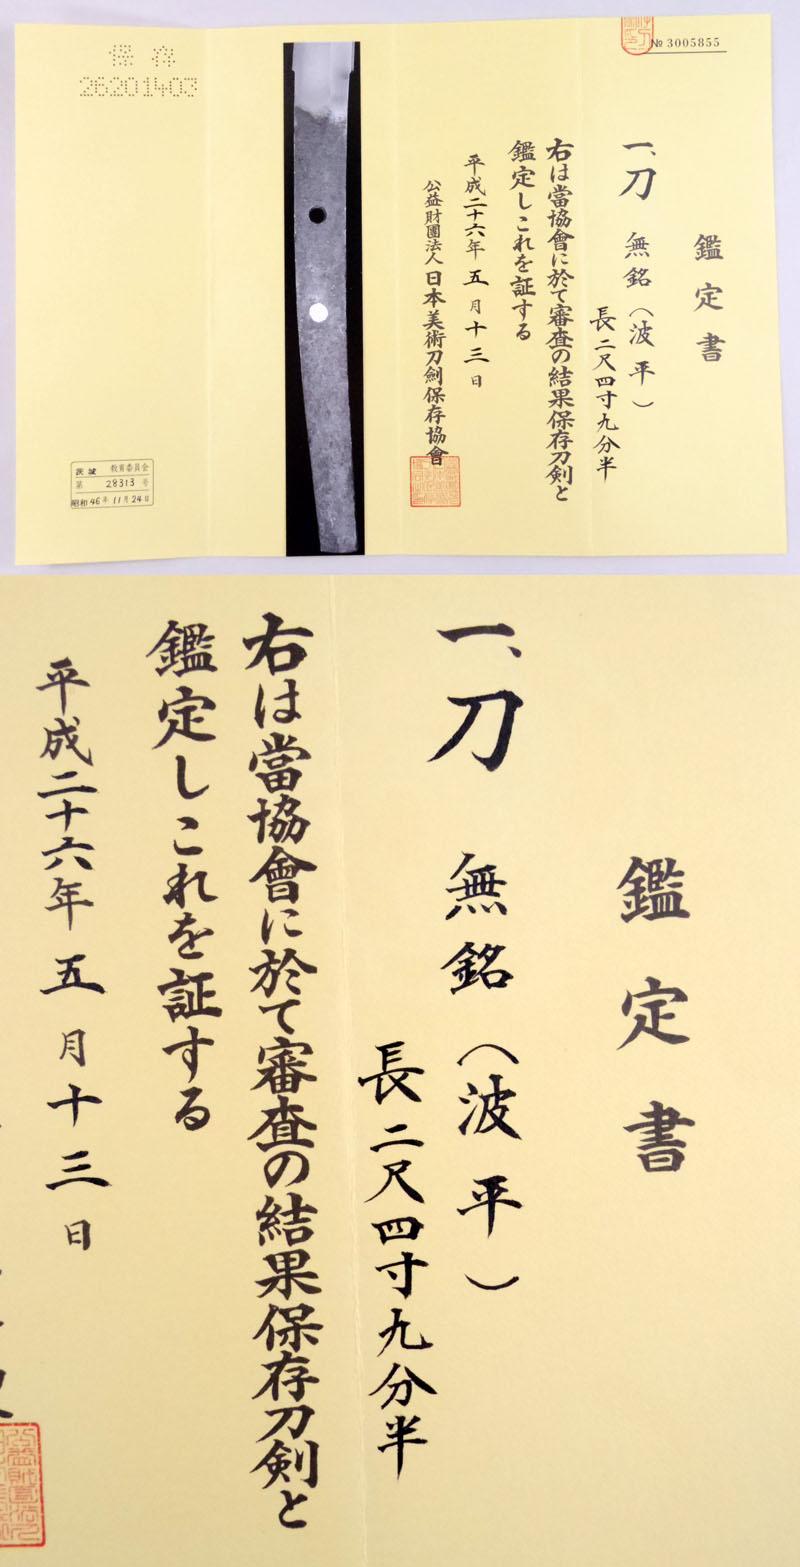 無銘(波平) Picture of Certificate